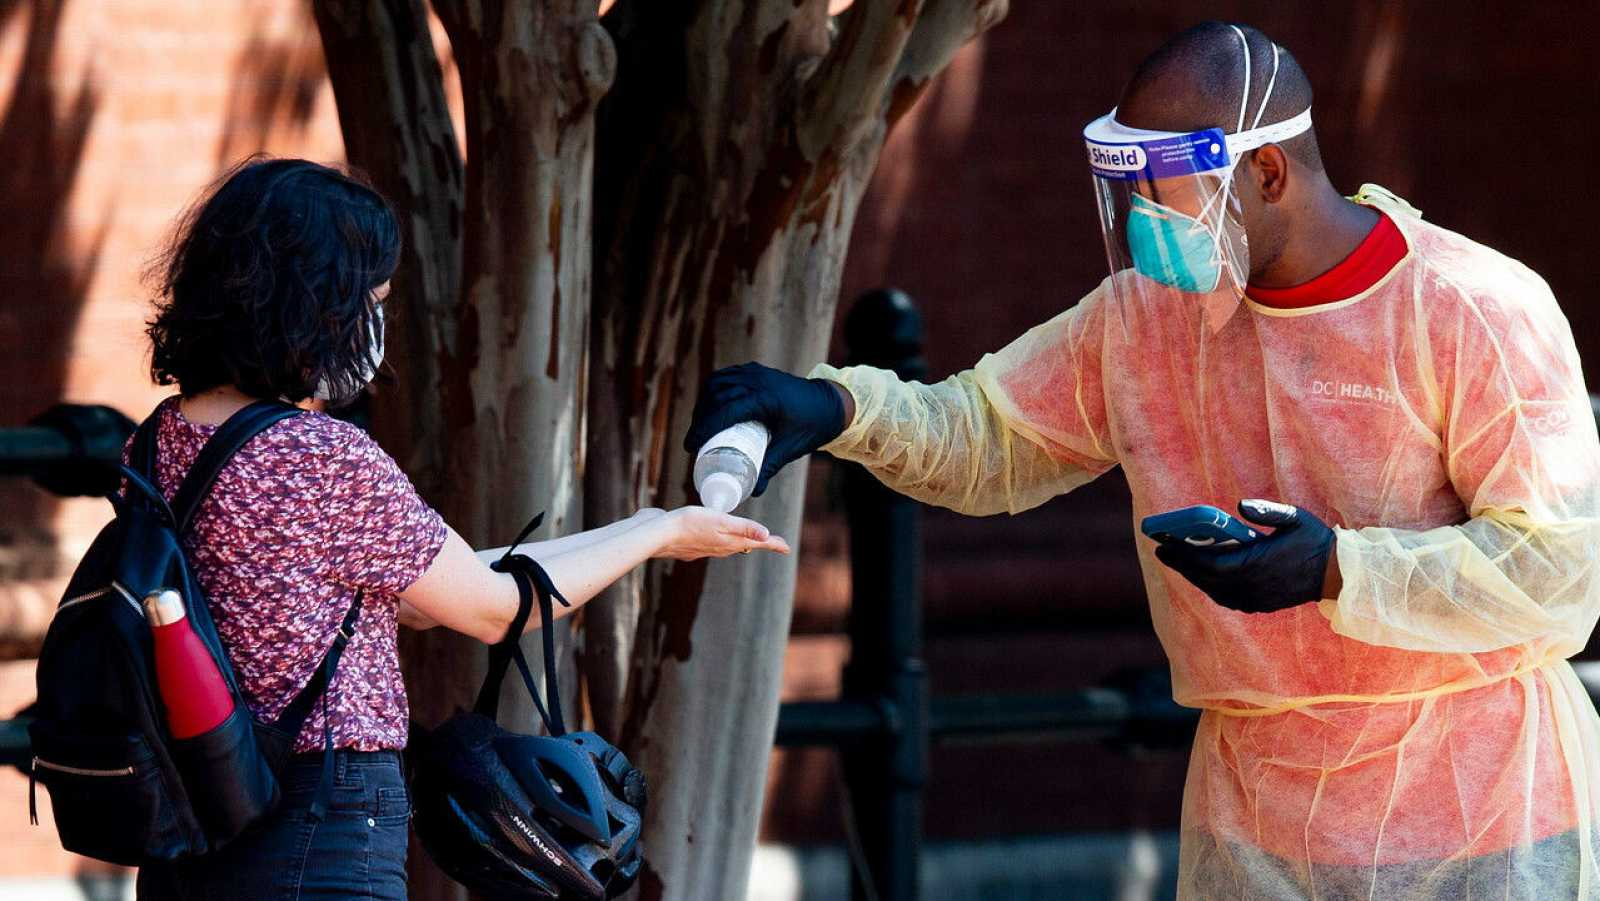 Una persona se lava las manos mientras se prepara para realizarse la prueba del COVID-19.